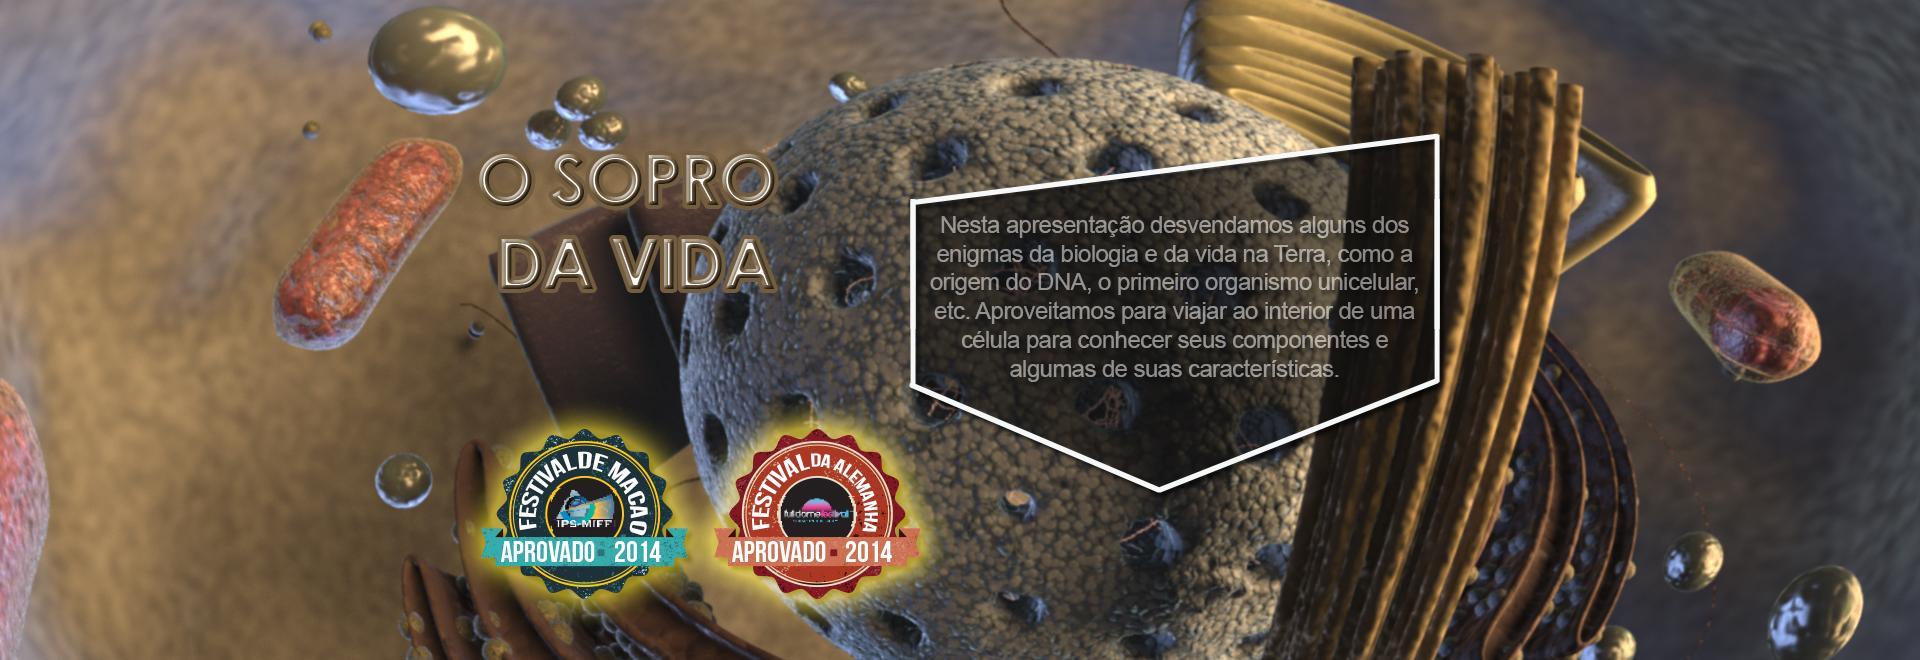 banner-o-sopro-da-vida-660